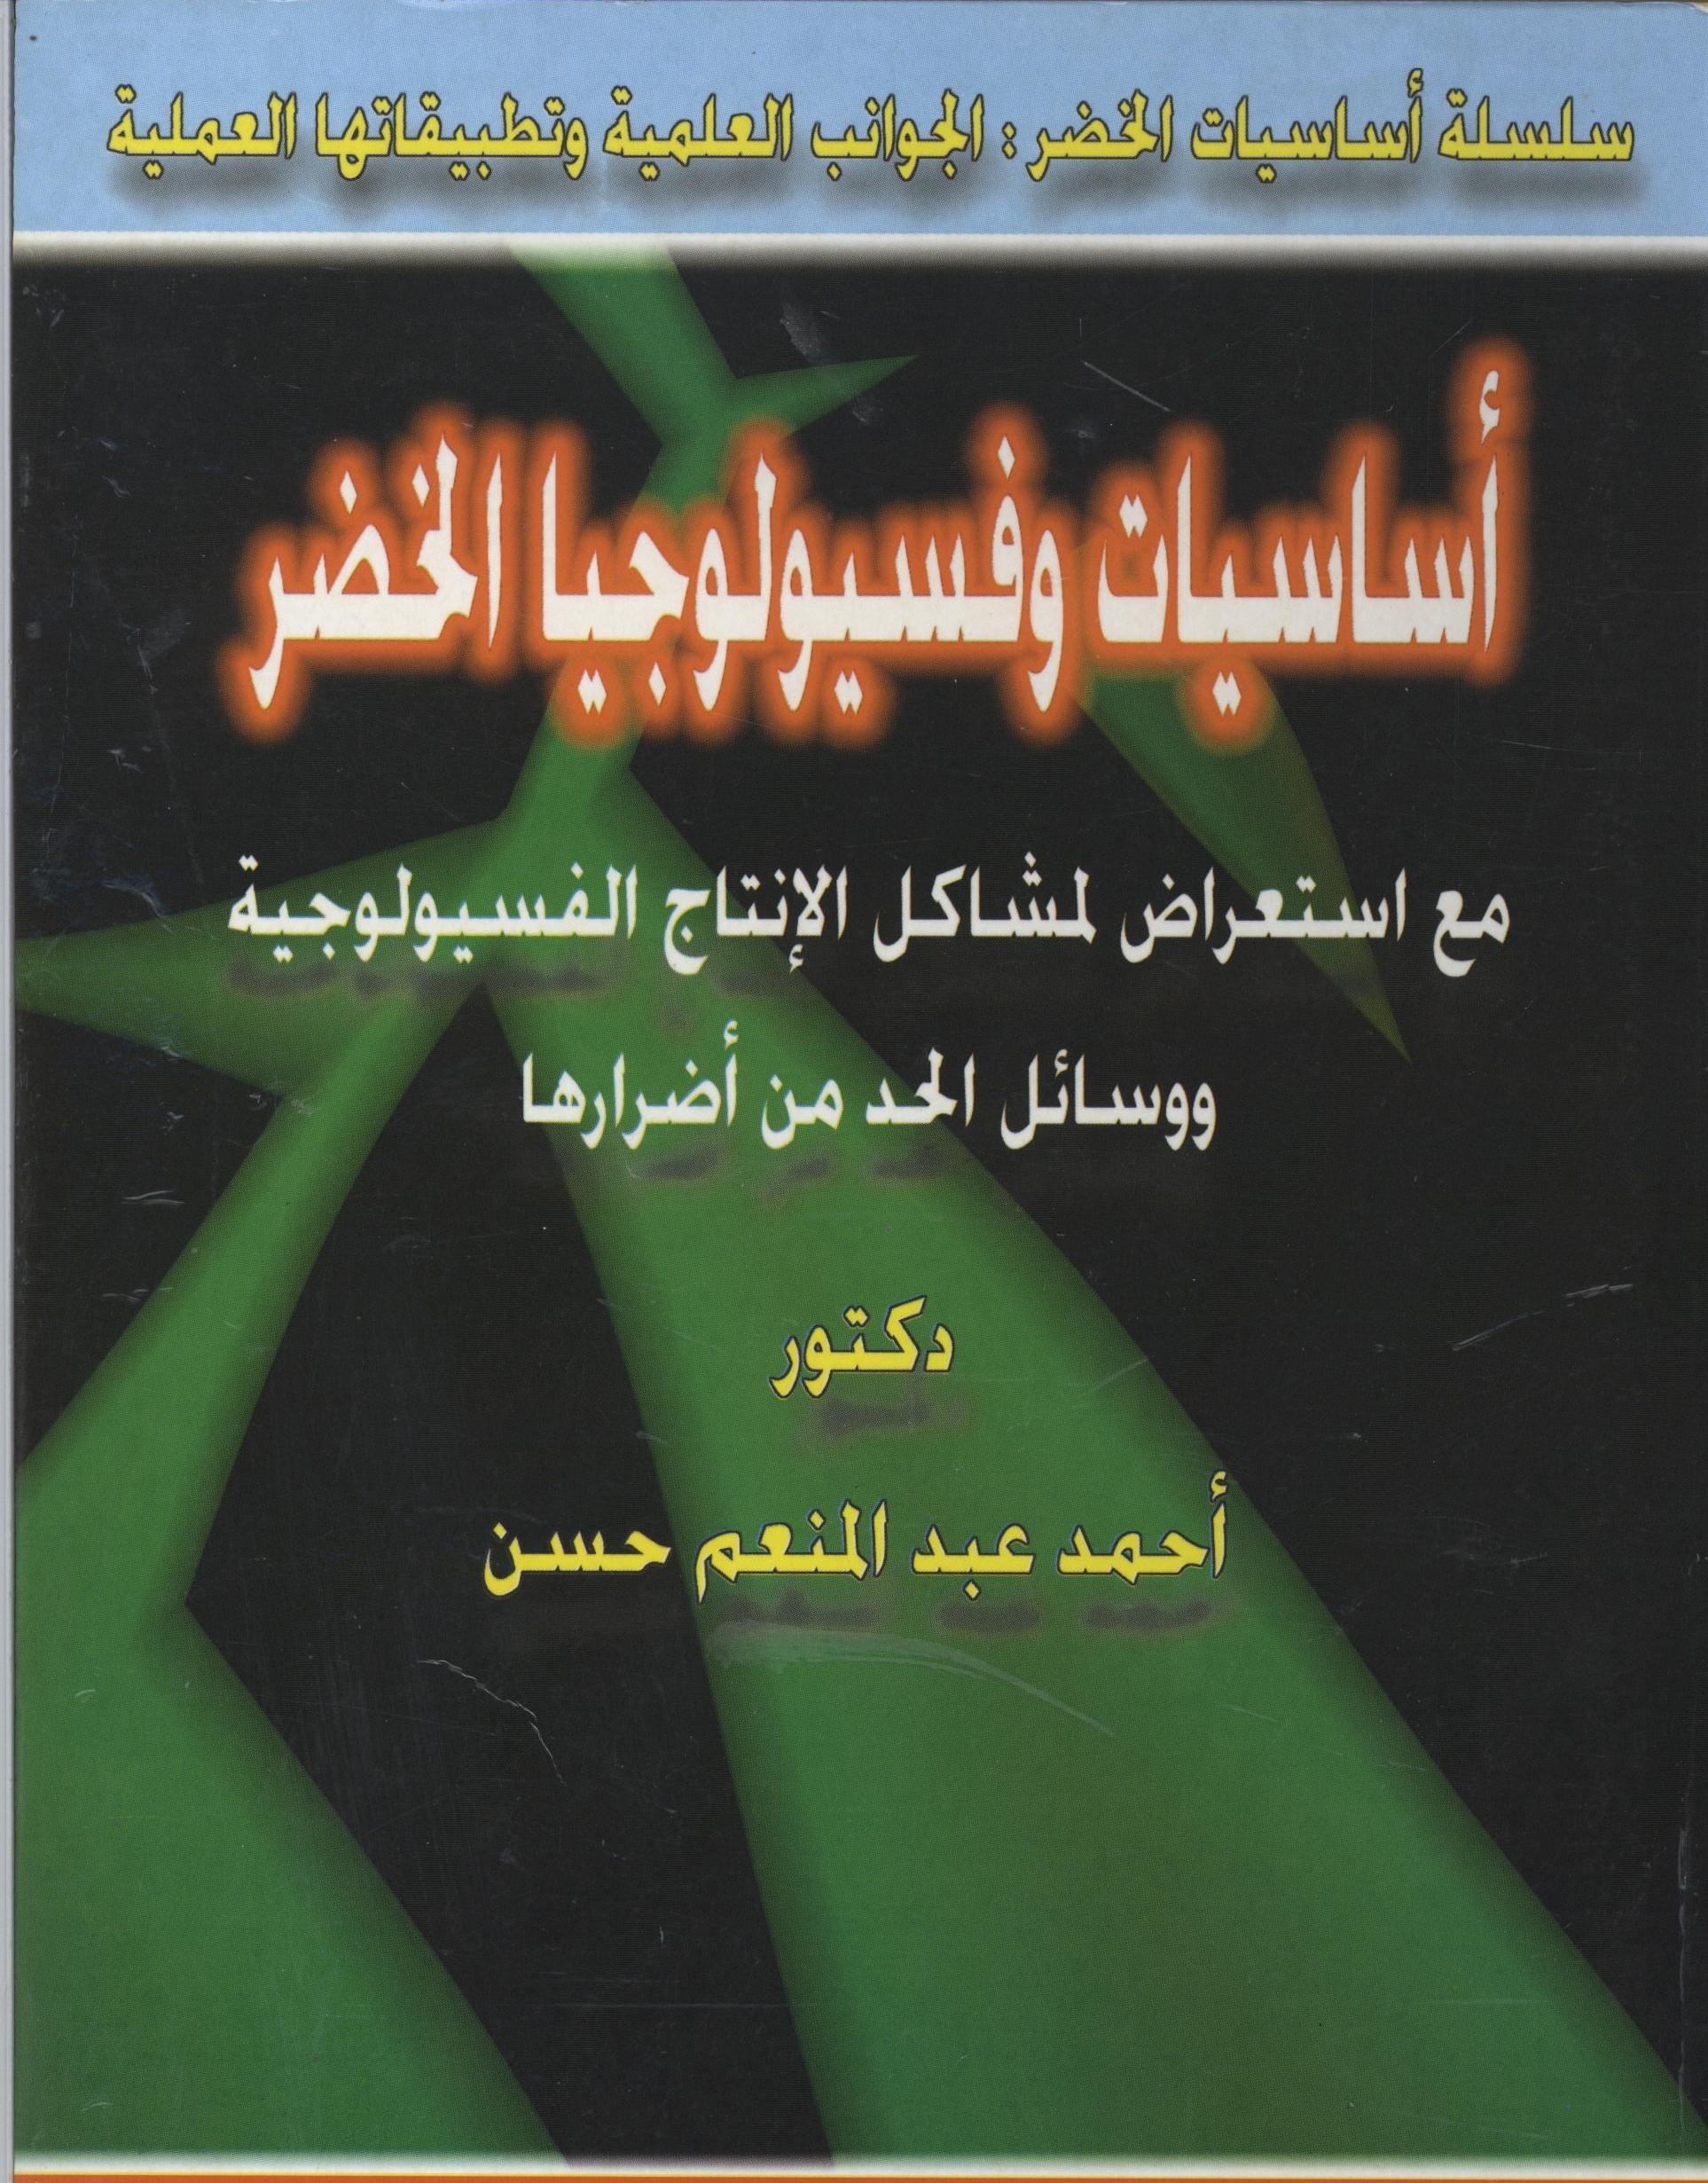 أساسيات و فسيولوجيا الخضر